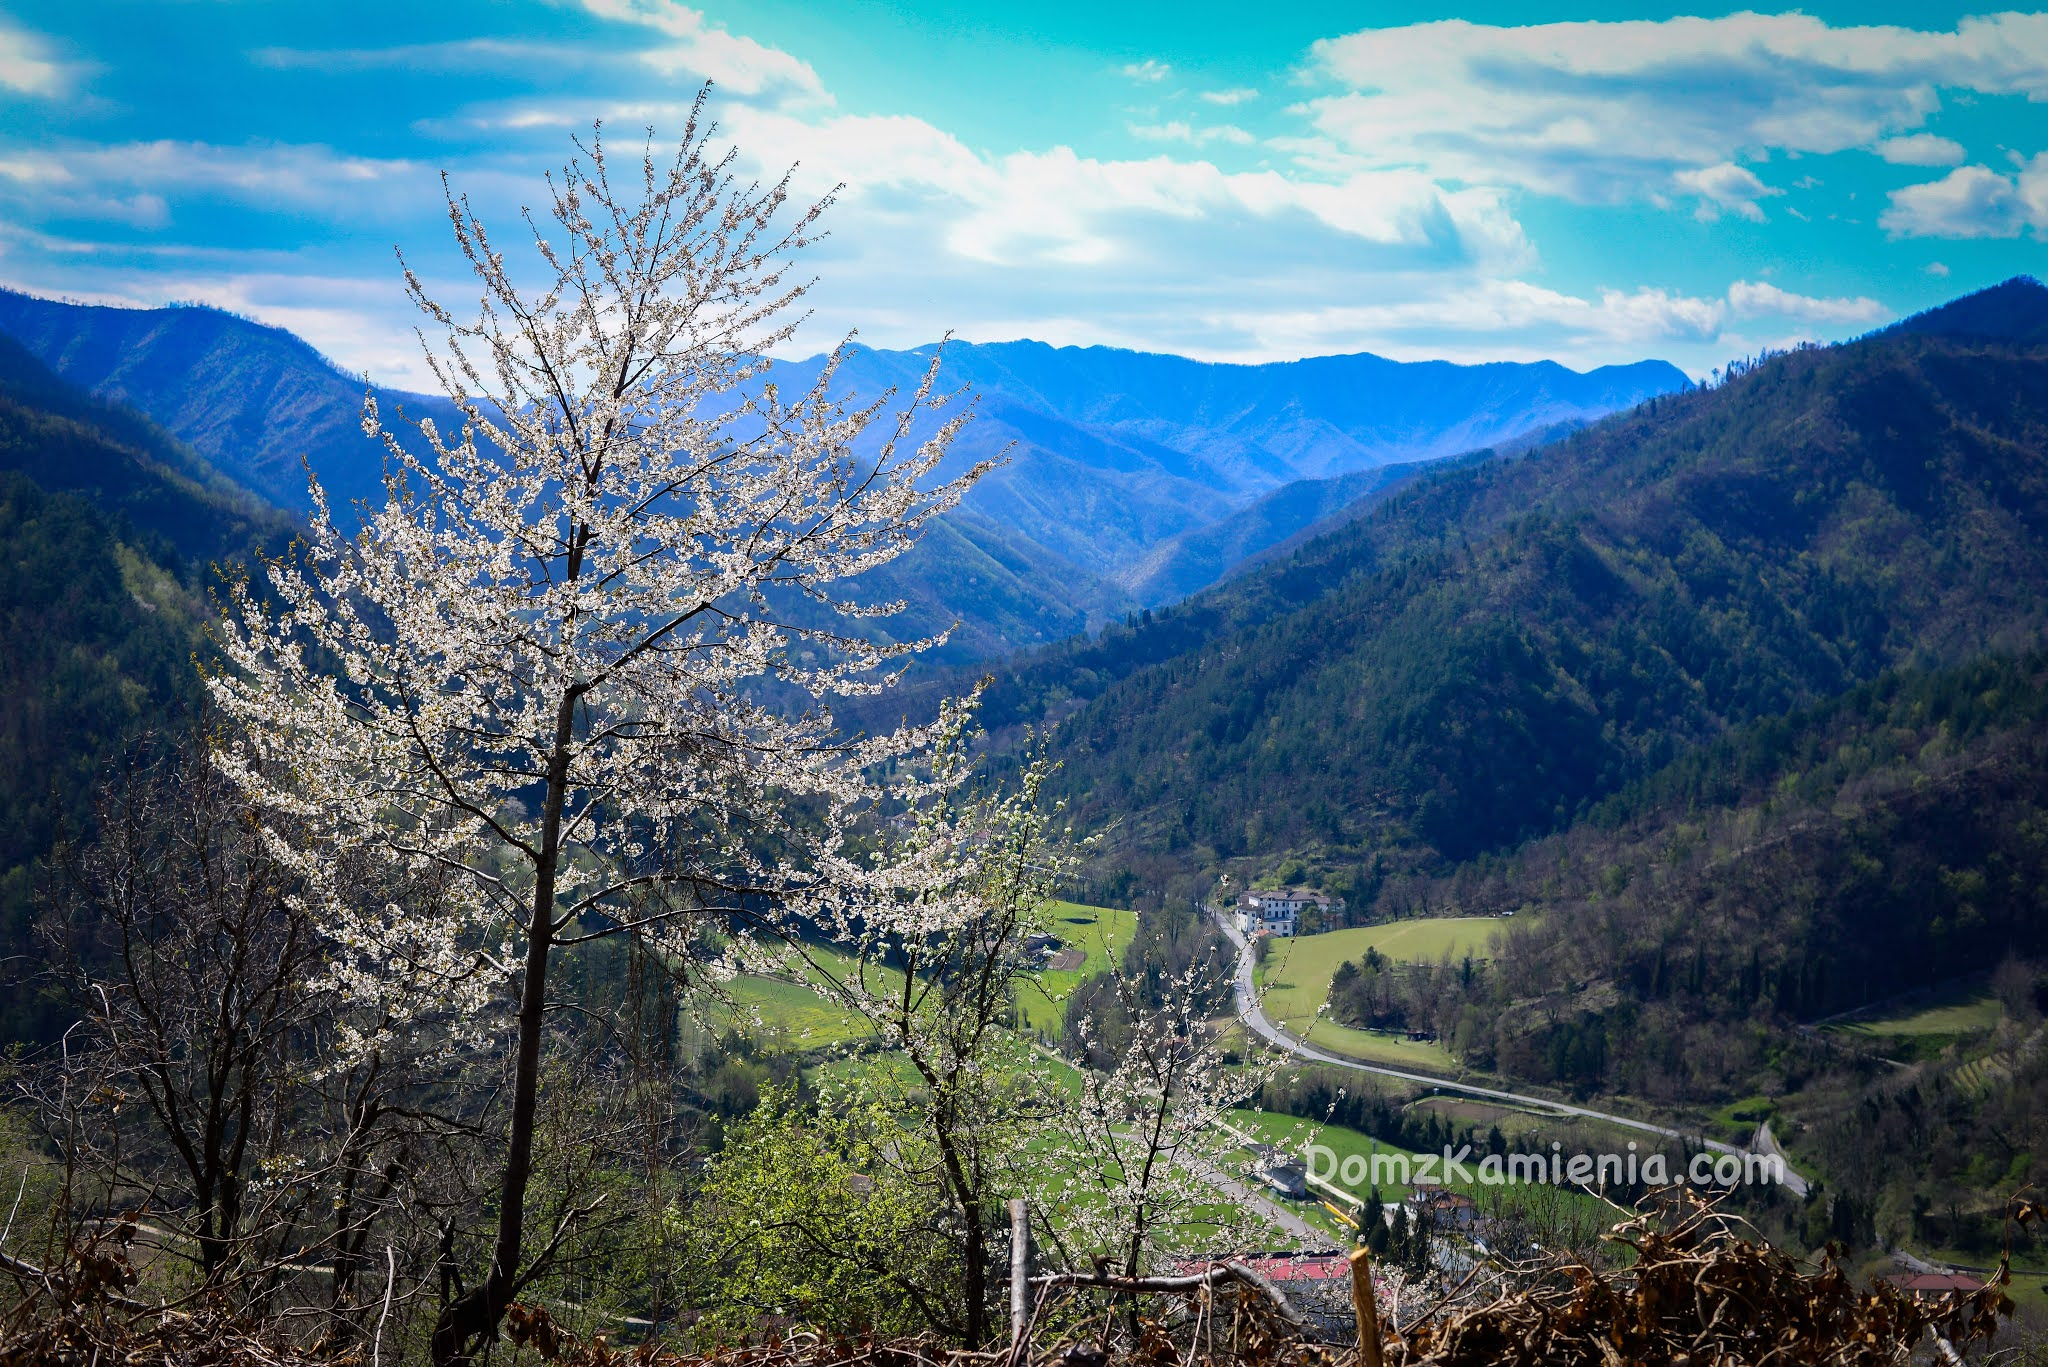 Biforco, Dom z Kamienia blog o życiu we Włoszech